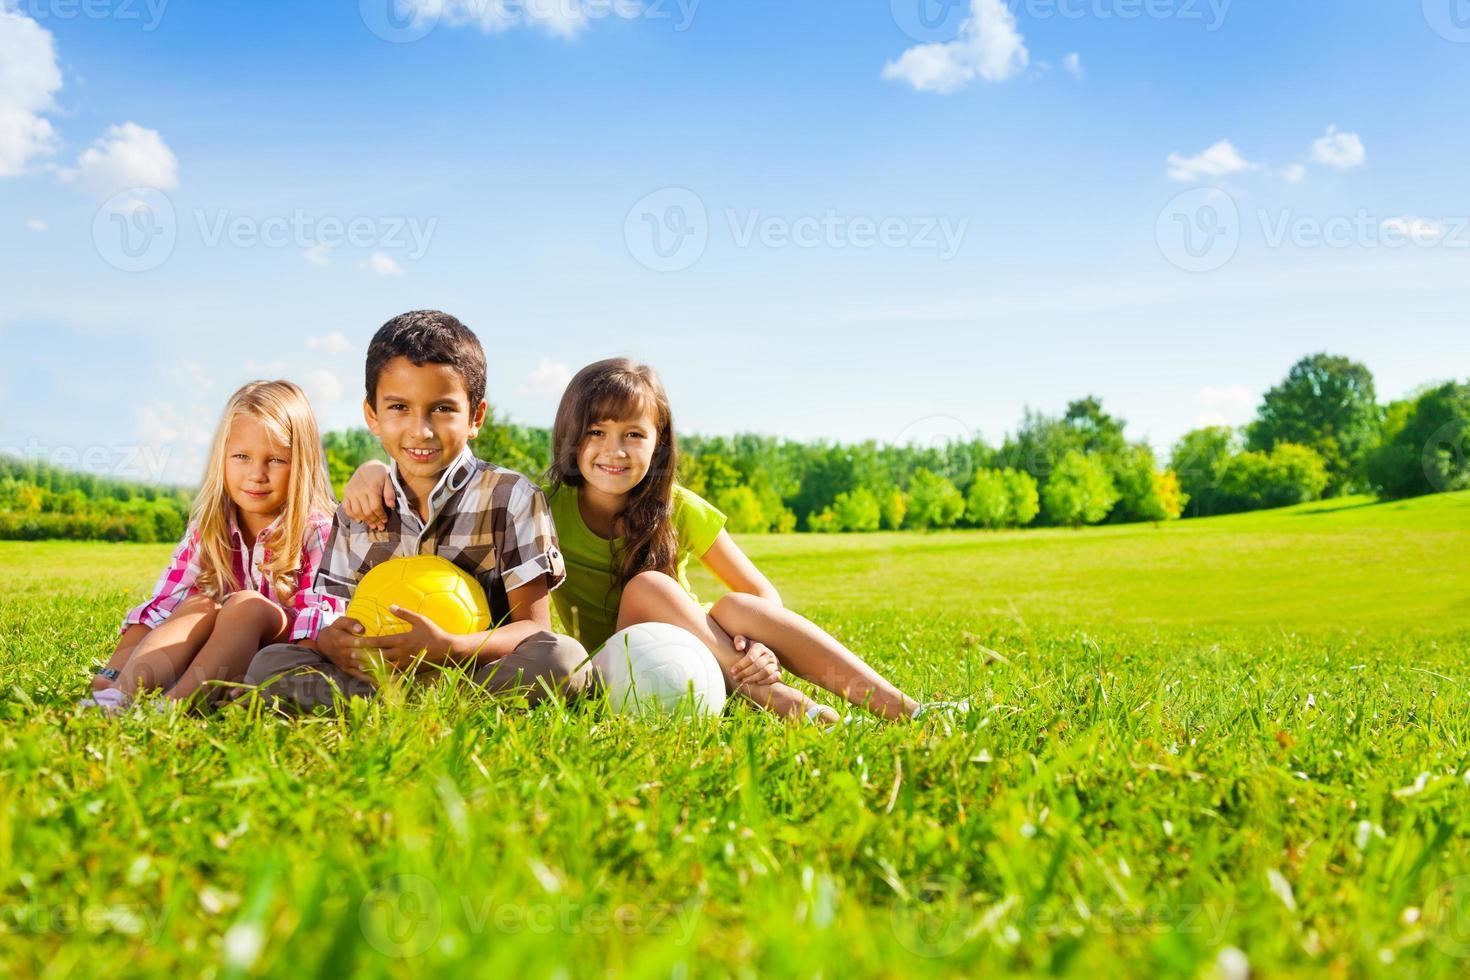 kinderen zitten in het gras met sportballen foto